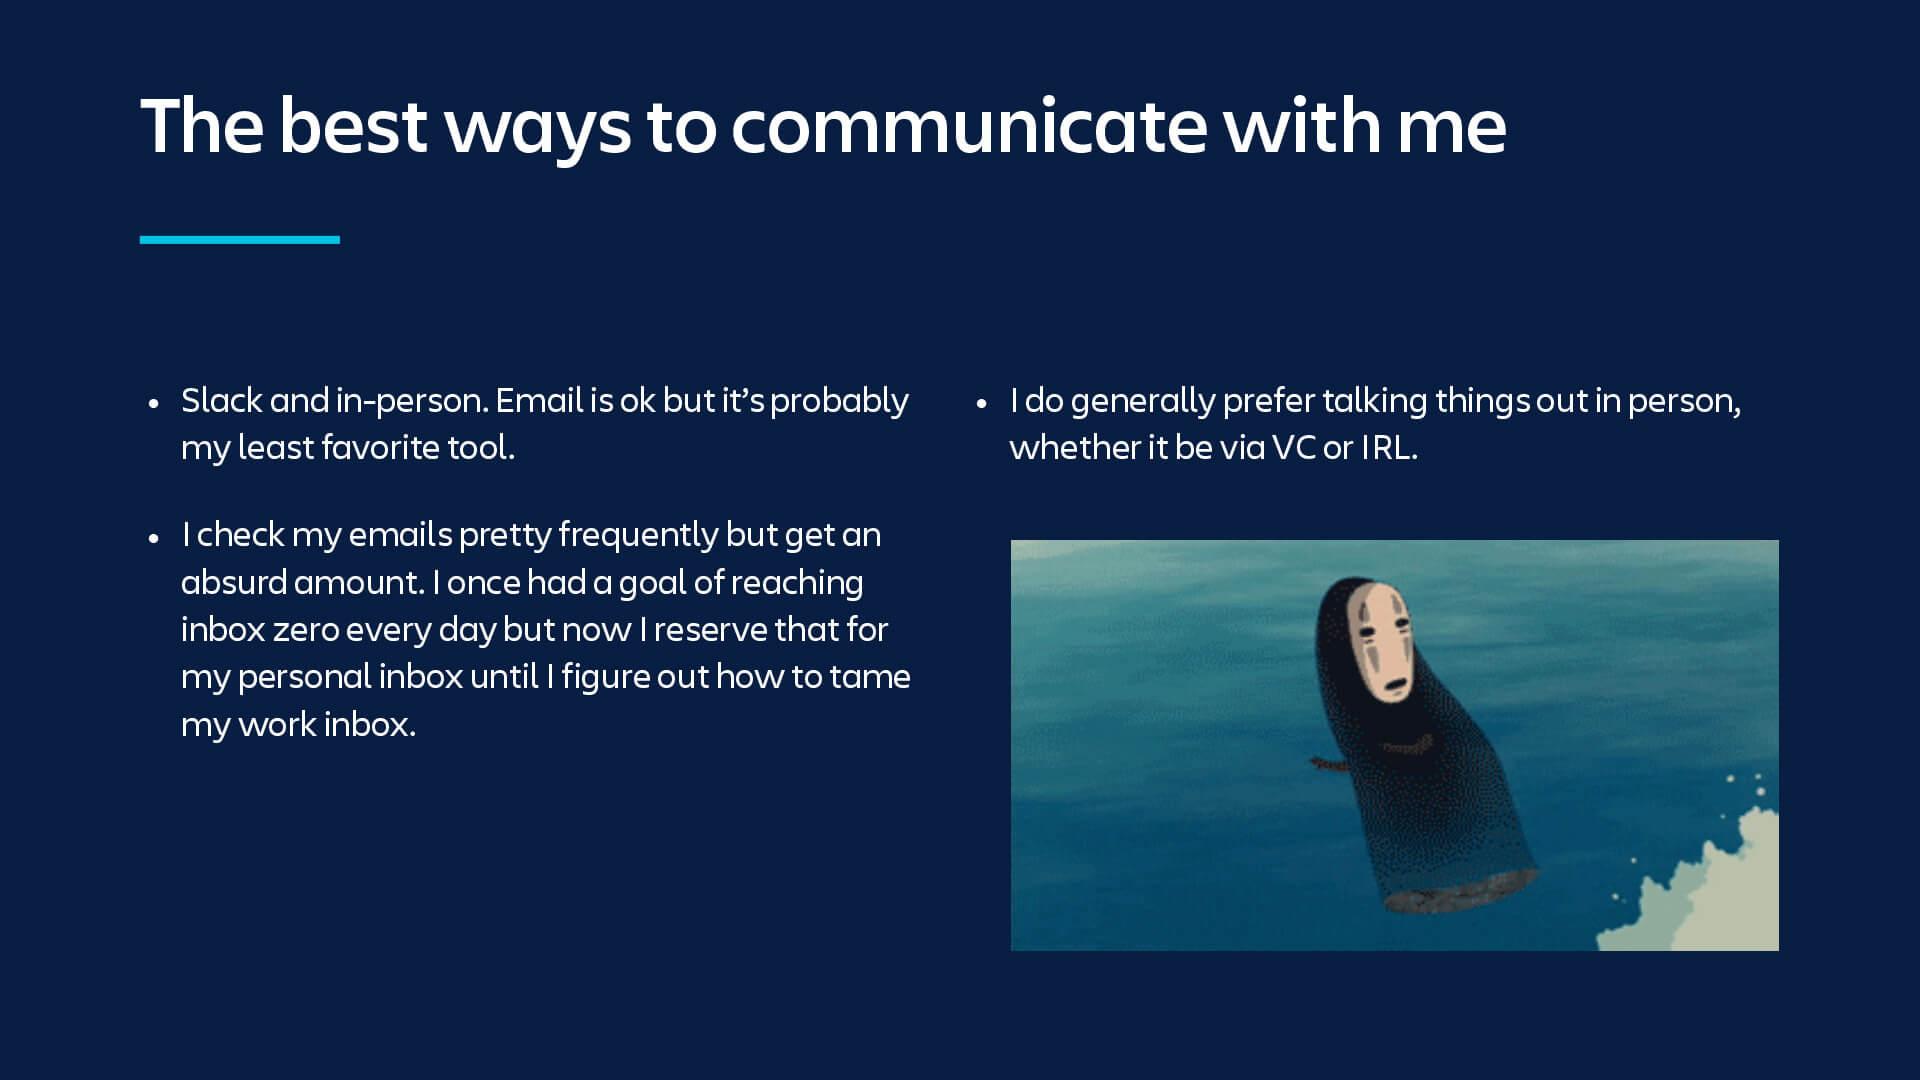 Erklärung zur besten Kommunikationsweise